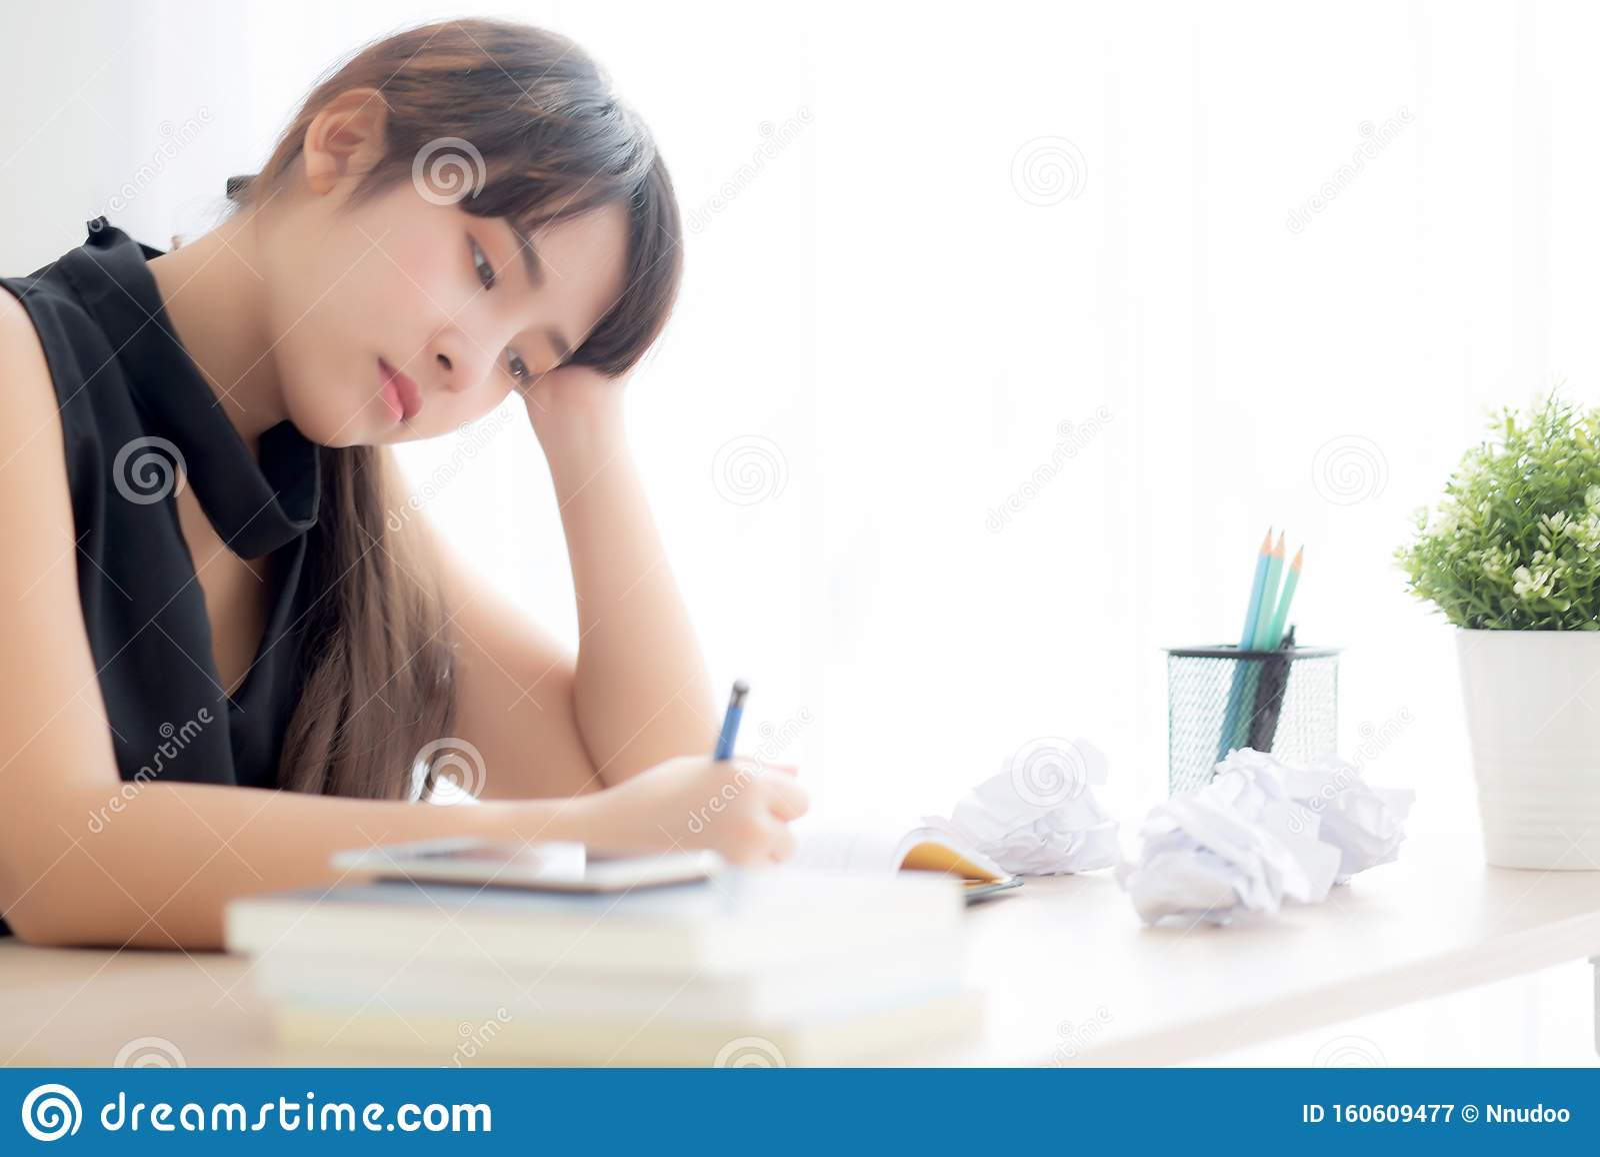 девушка пишет что устала на работе